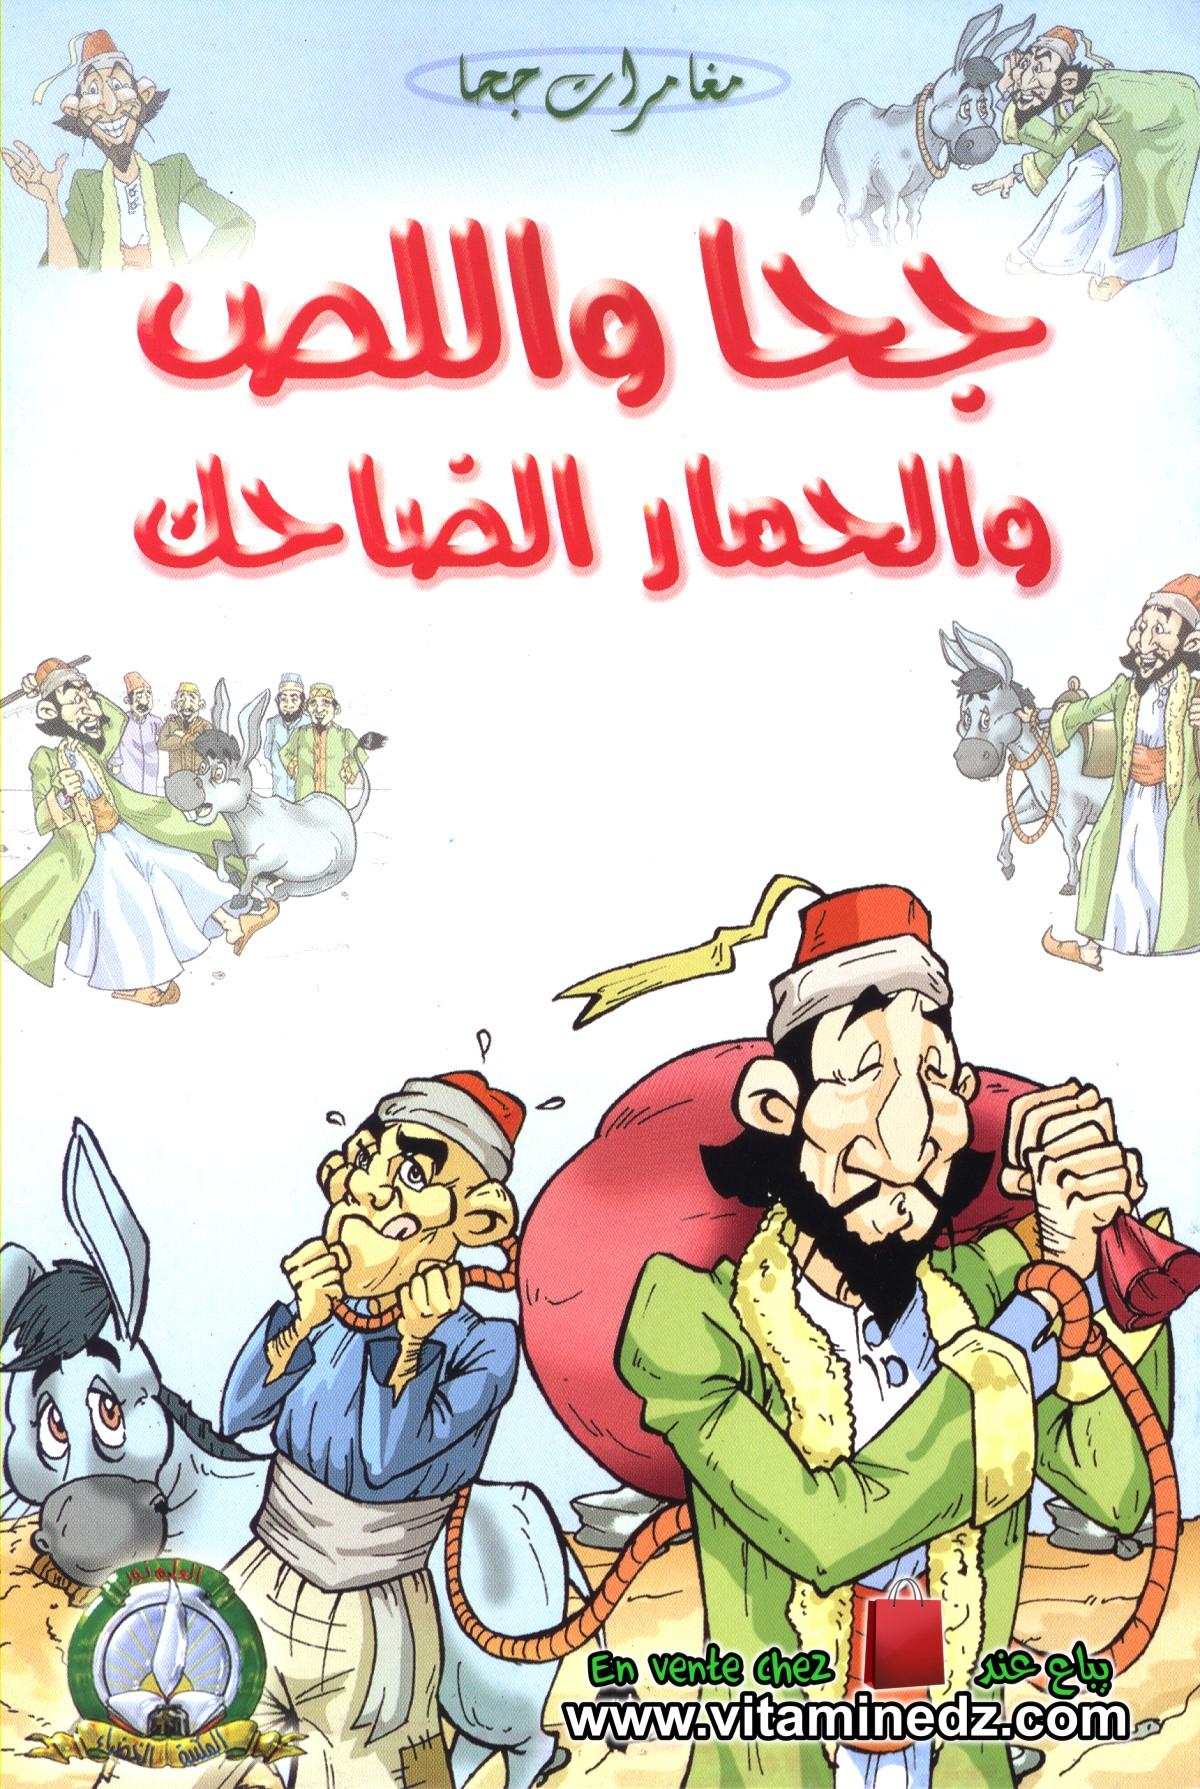 مغامرات جحا - جحا و اللص و الحمار الضاحك